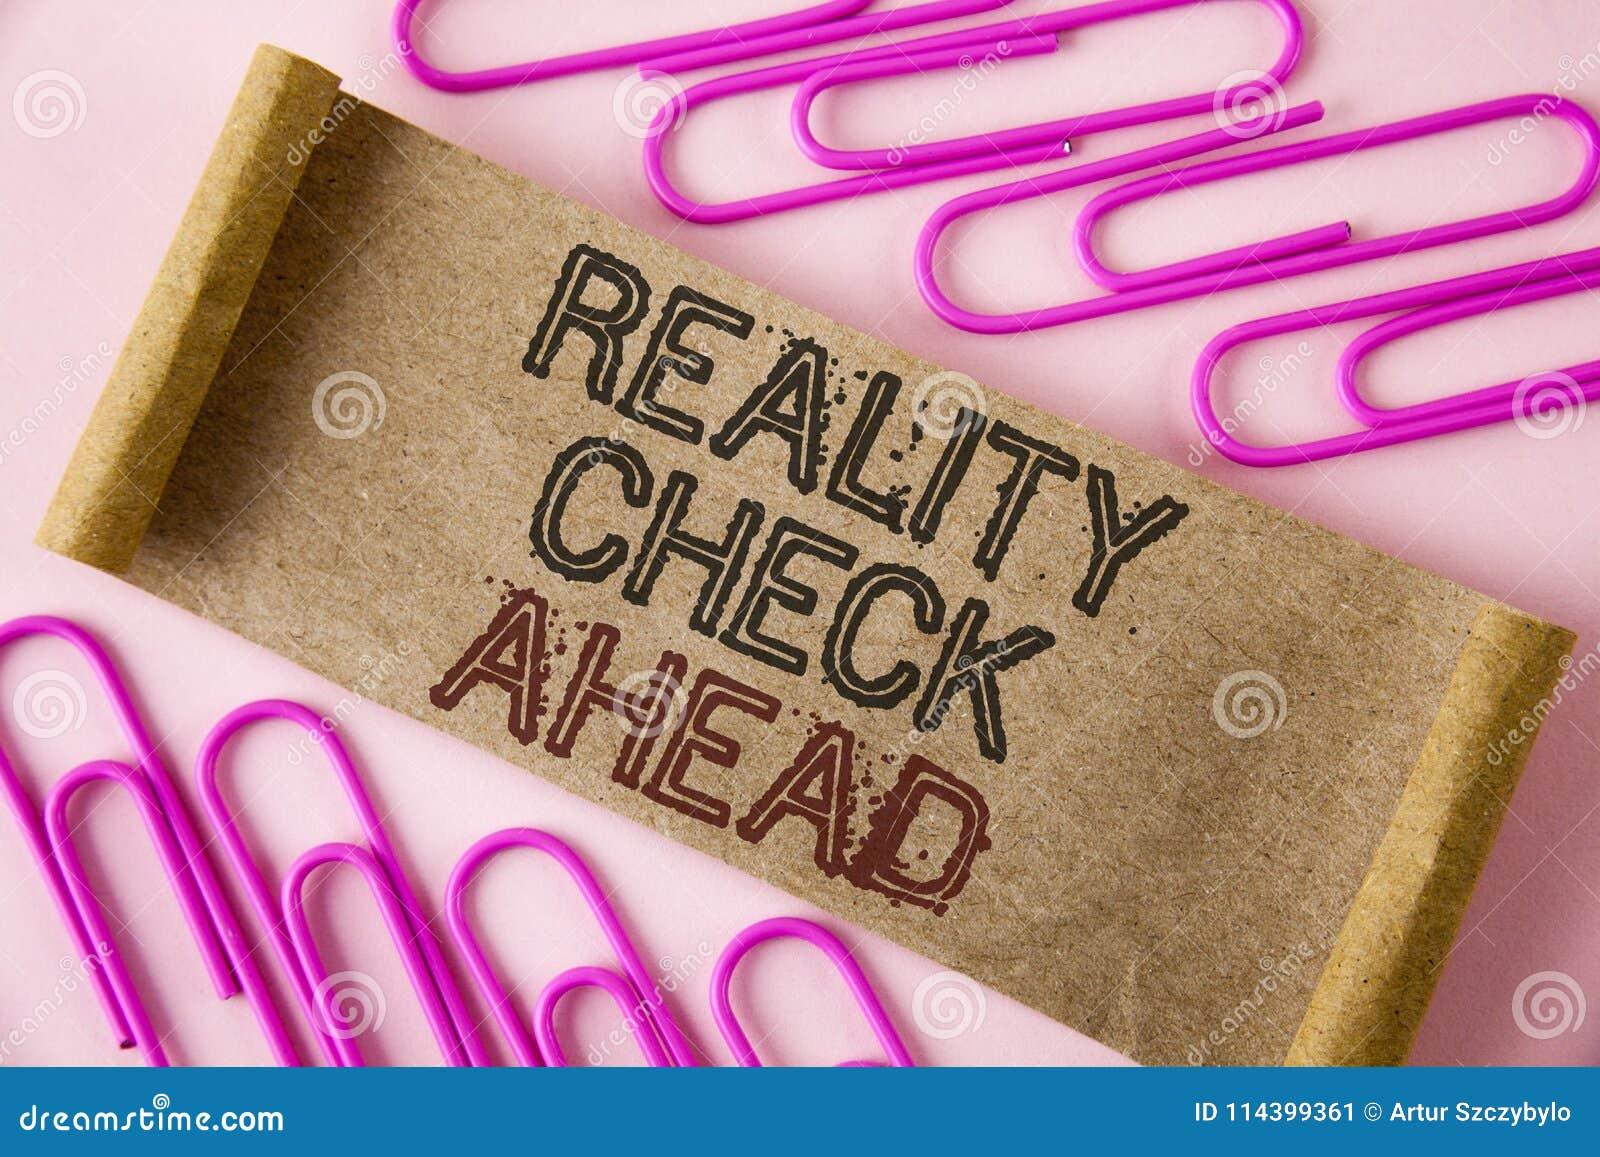 Handschrifttekst het schrijven Werkelijkheidscontrole vooruit De conceptenbetekenis onthult waarheid wetend werkelijkheid vermijd